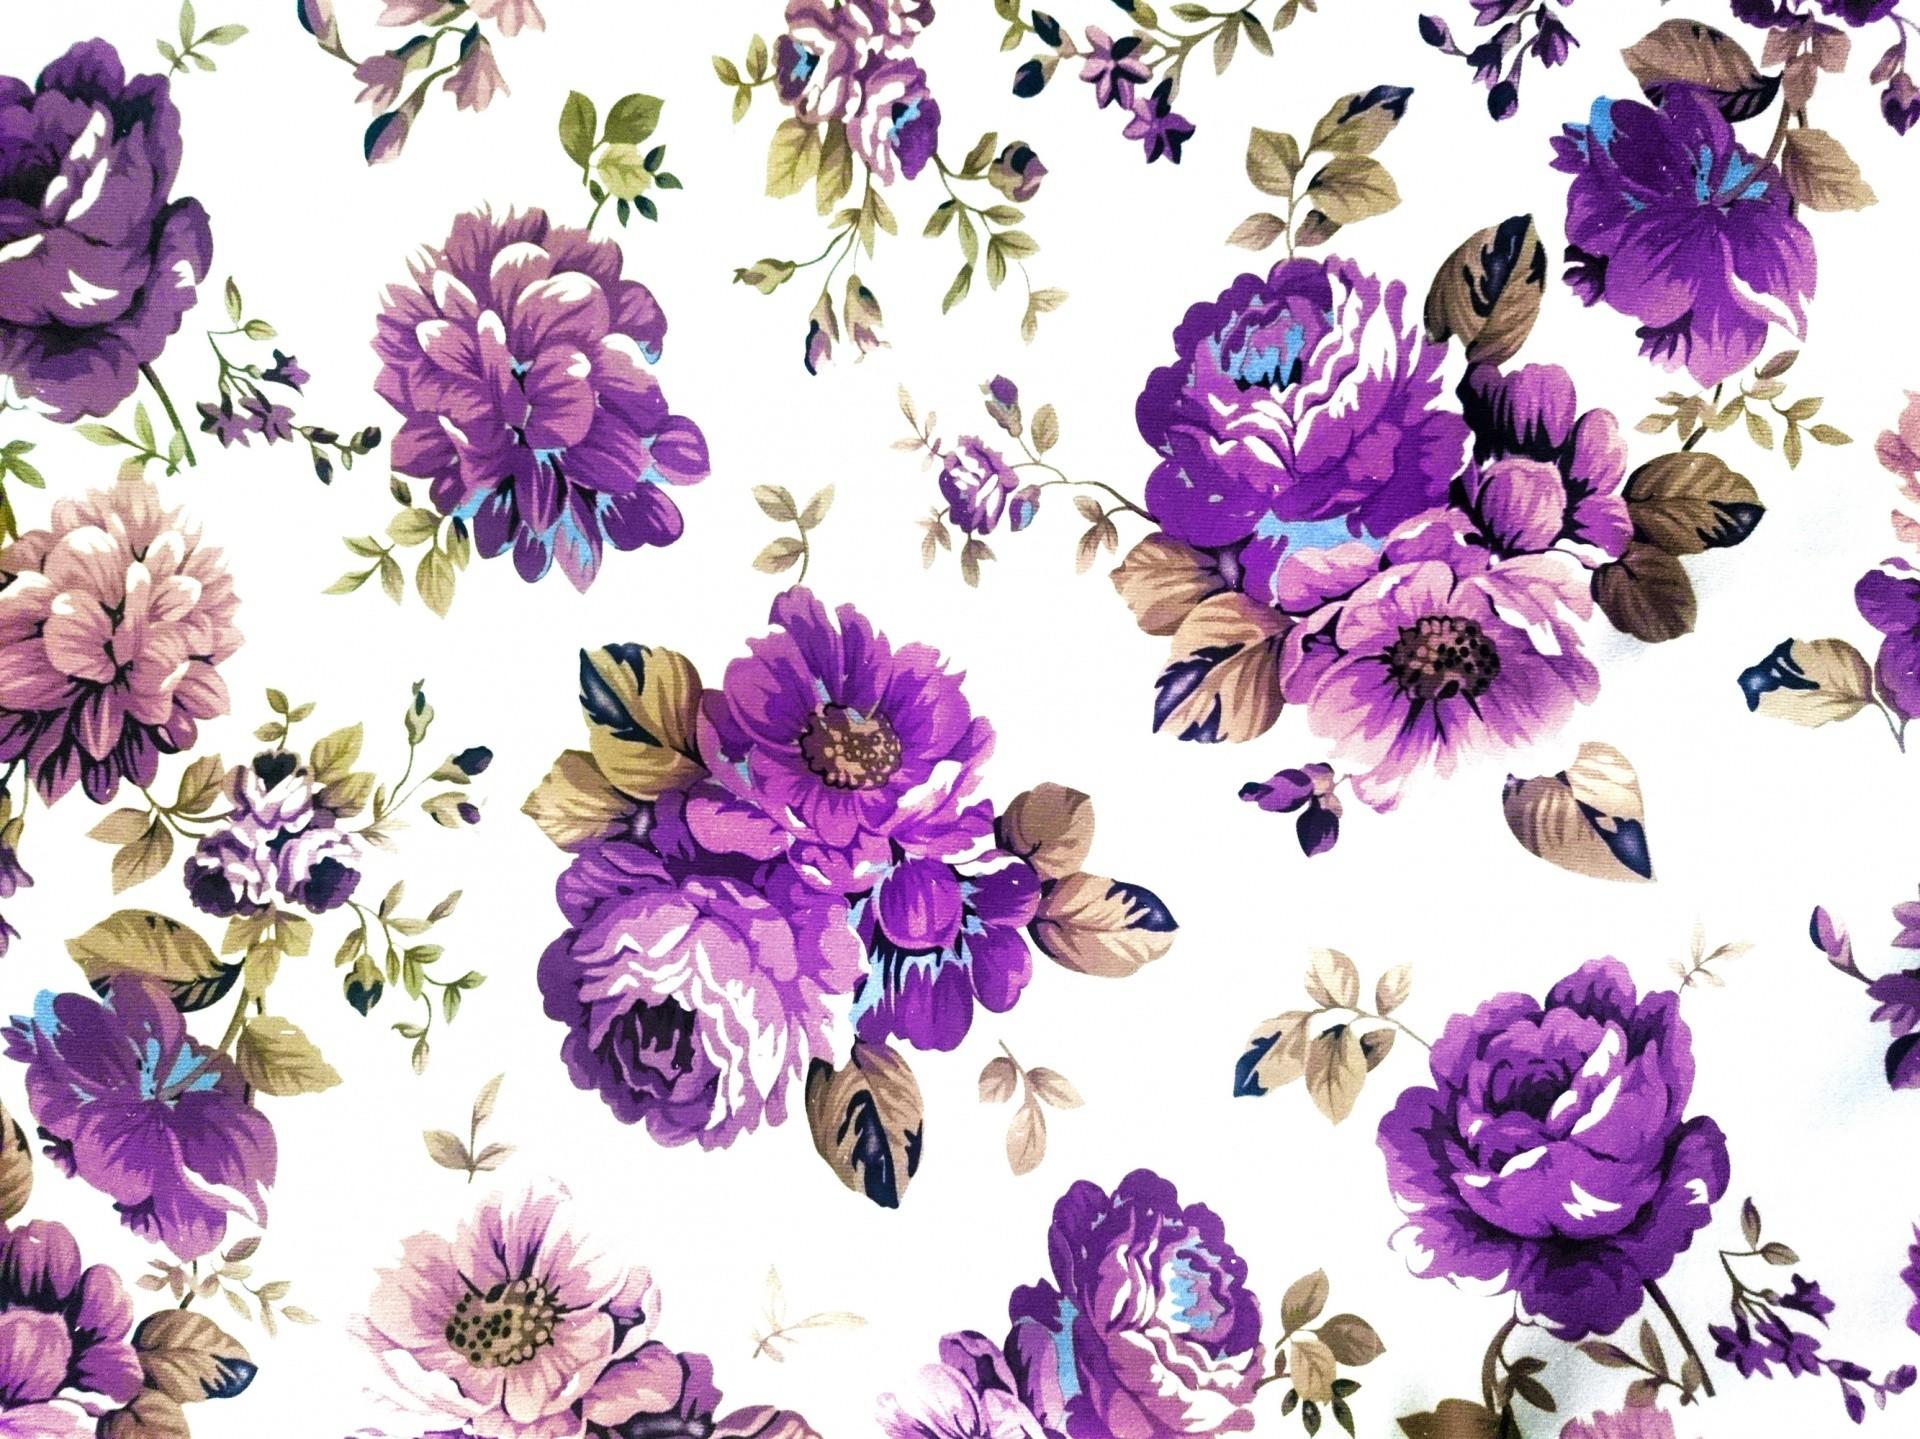 Res: 1920x1439, Floral Vintage Background Wallpaper